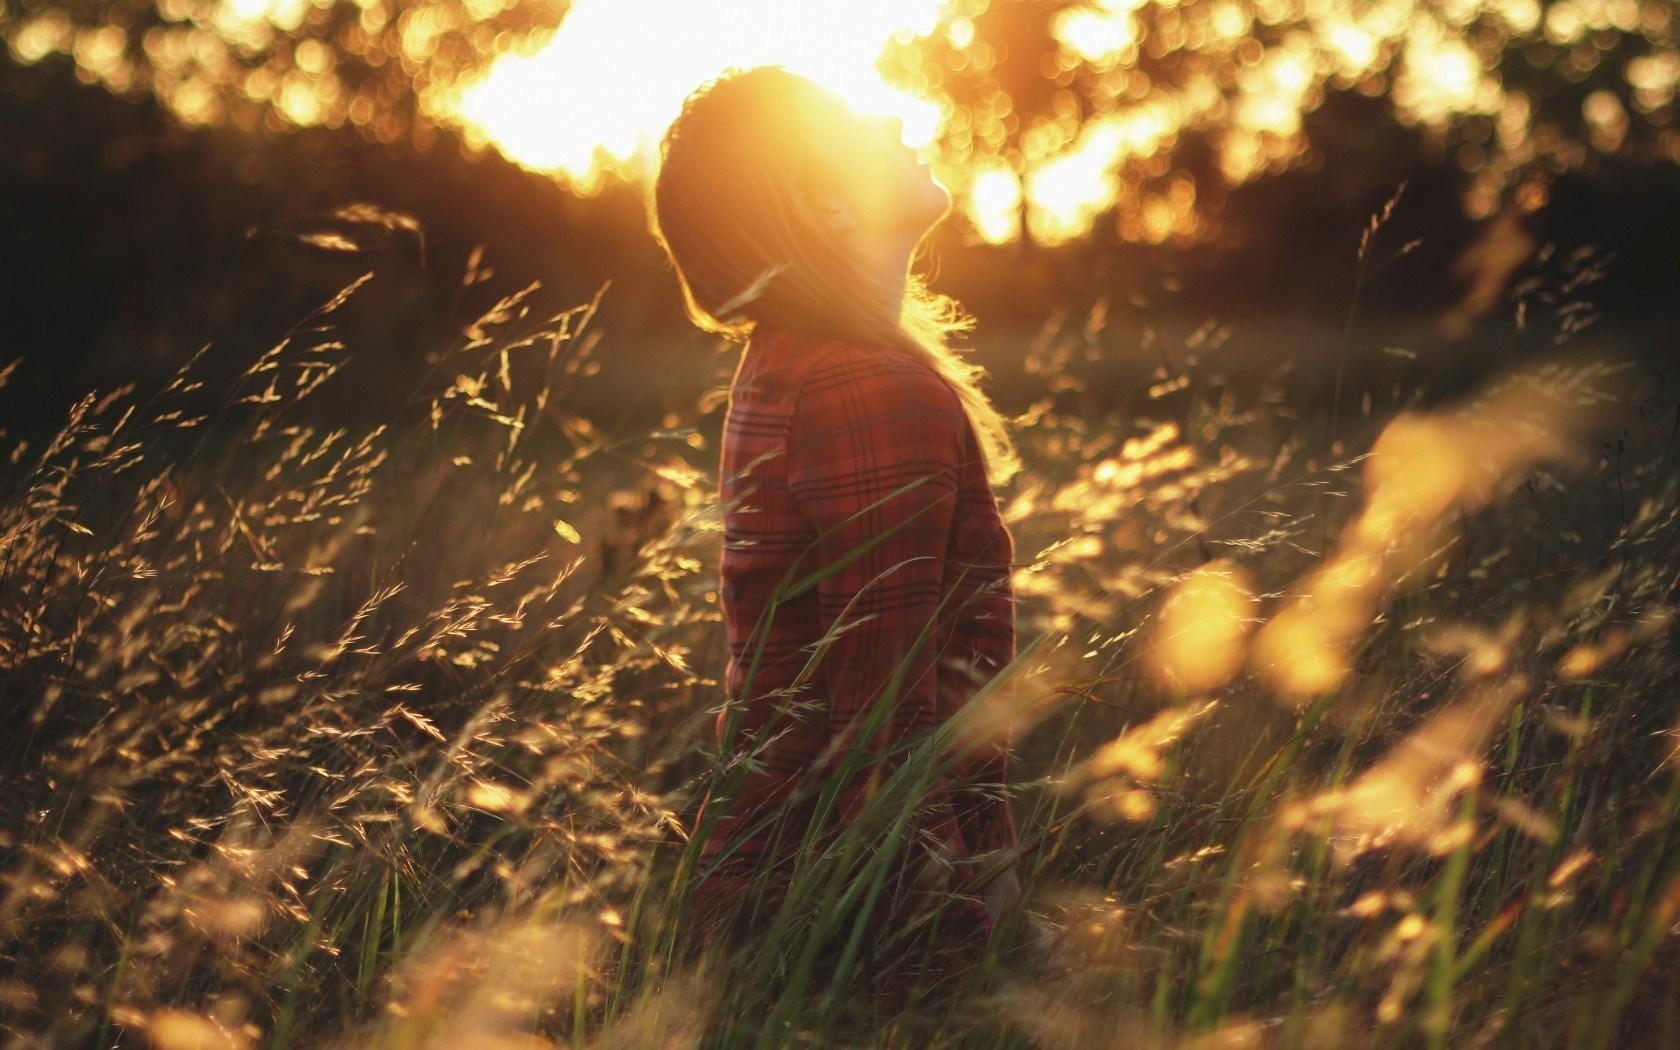 фото сделанные при солнечном свете этом вам помощь